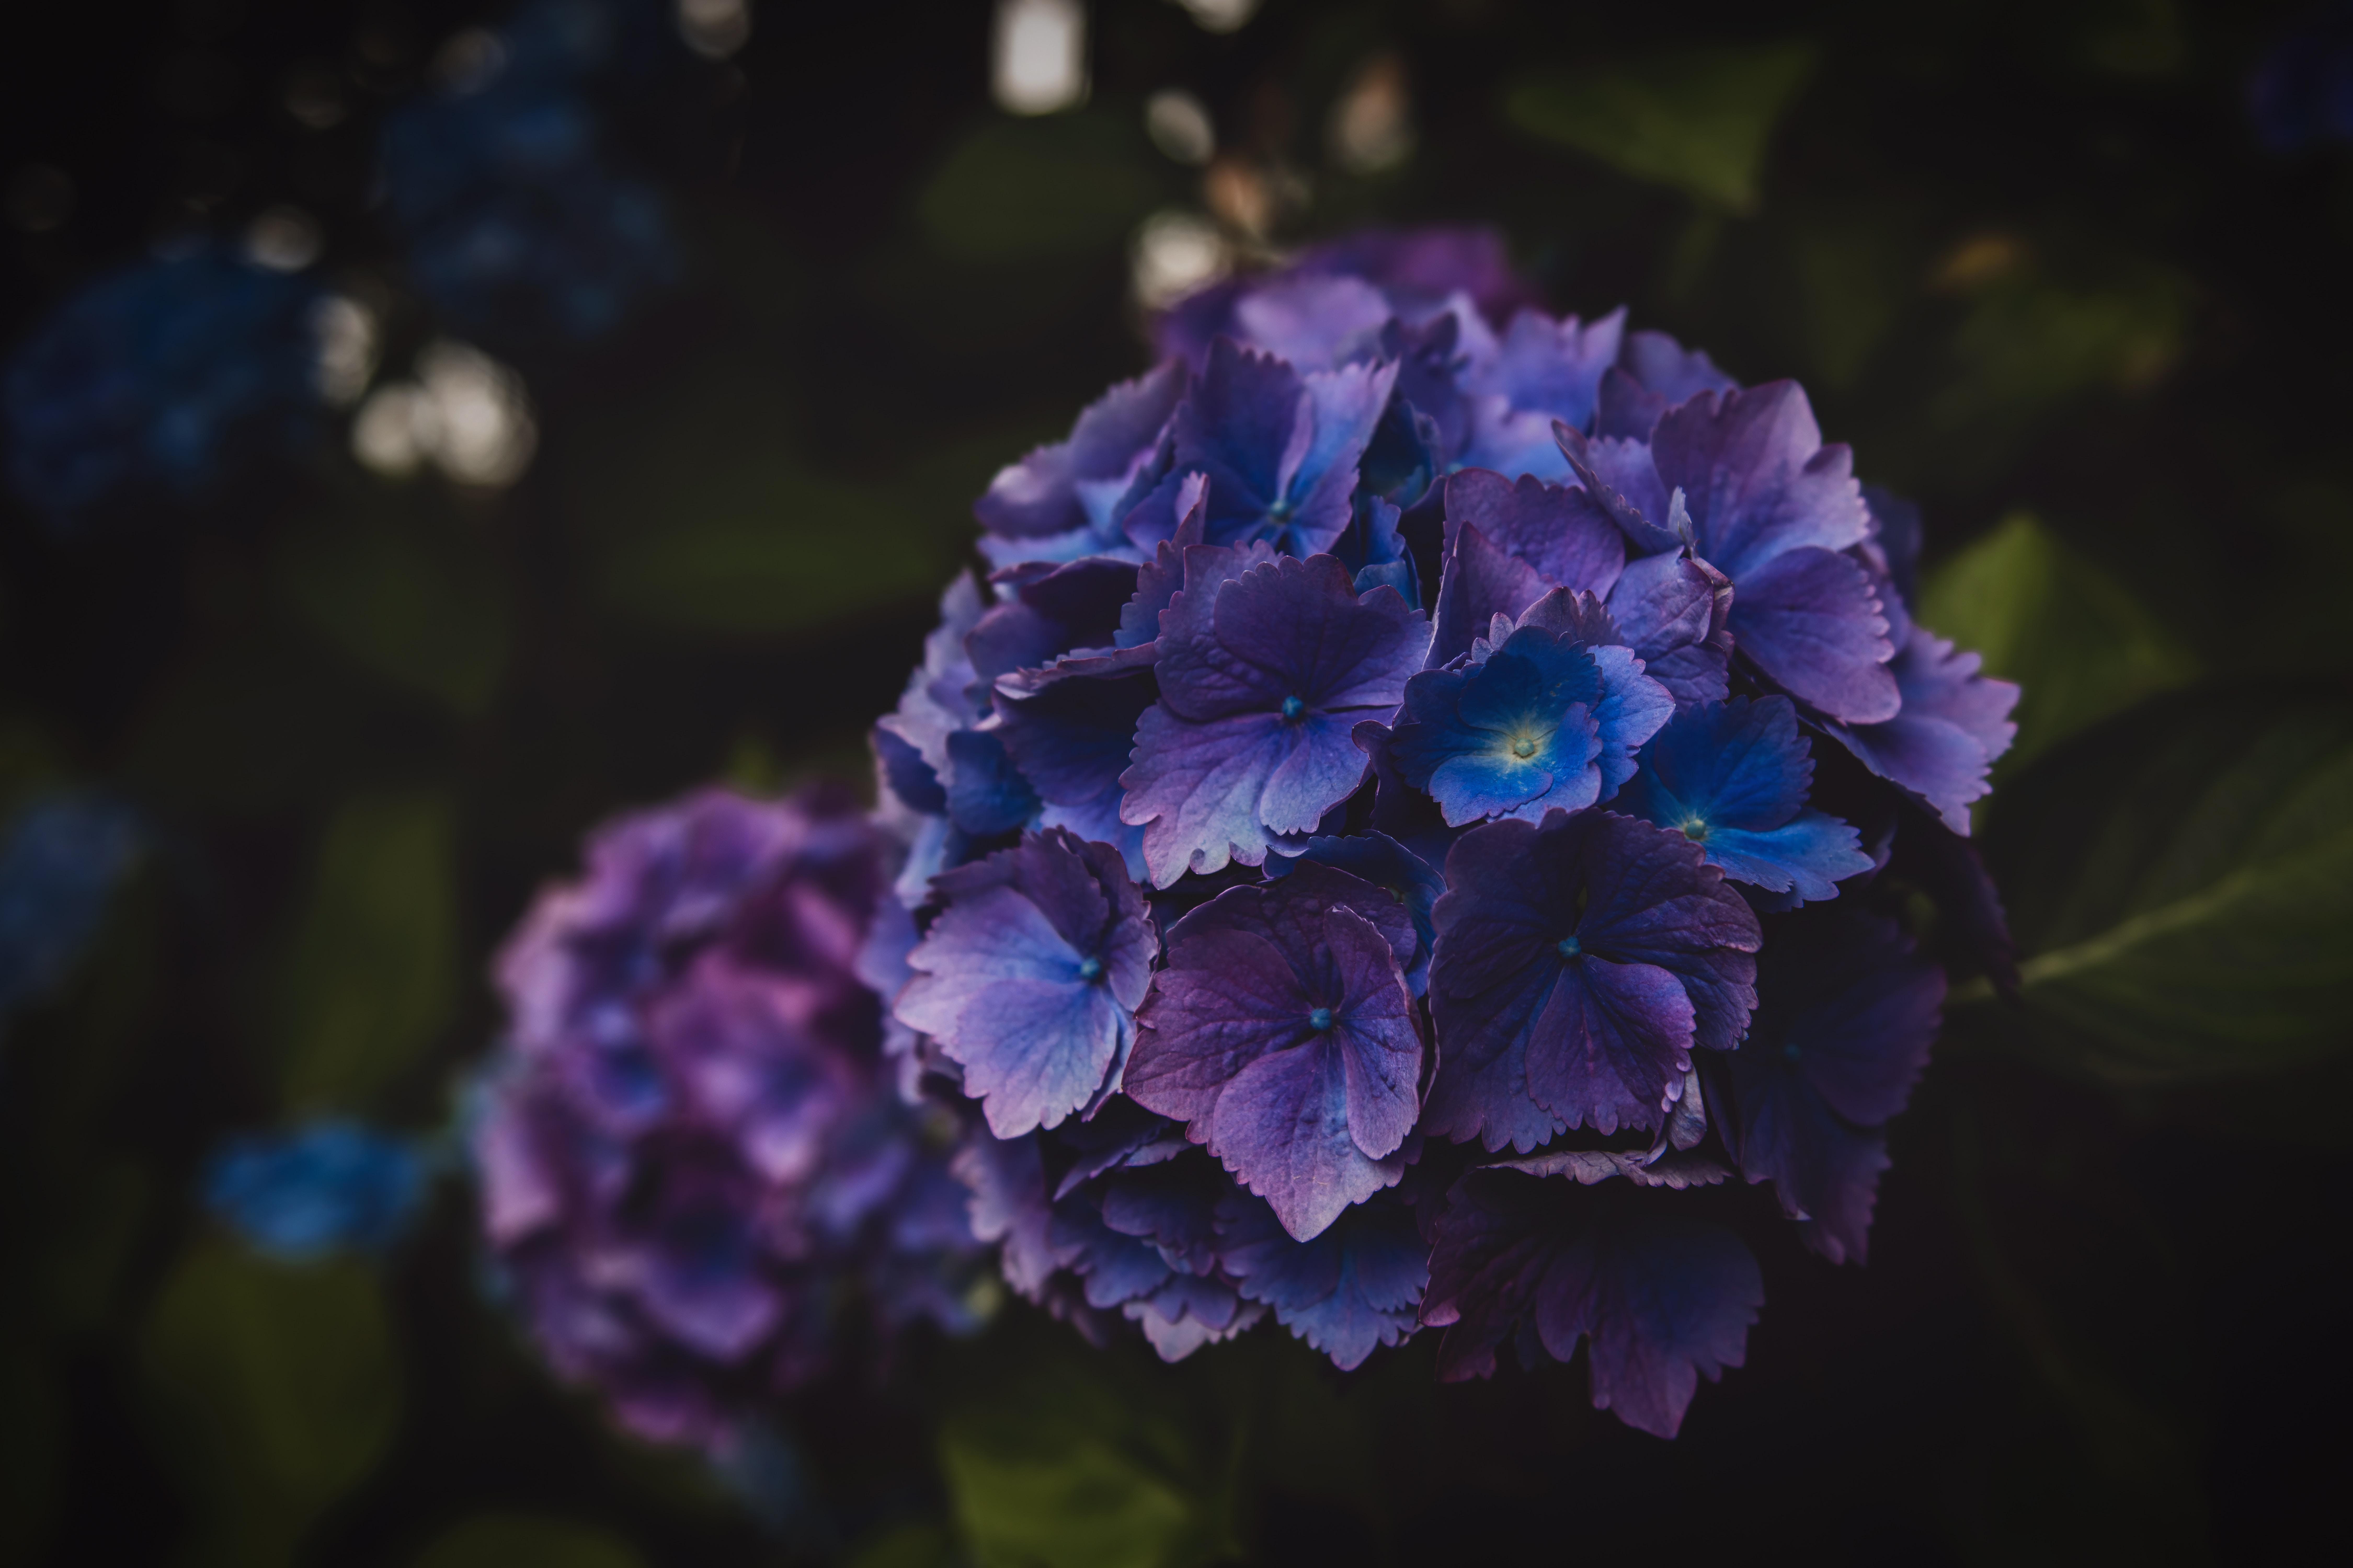 59023 скачать обои Макро, Гортензия, Фиолетовый, Соцветие, Цветы - заставки и картинки бесплатно